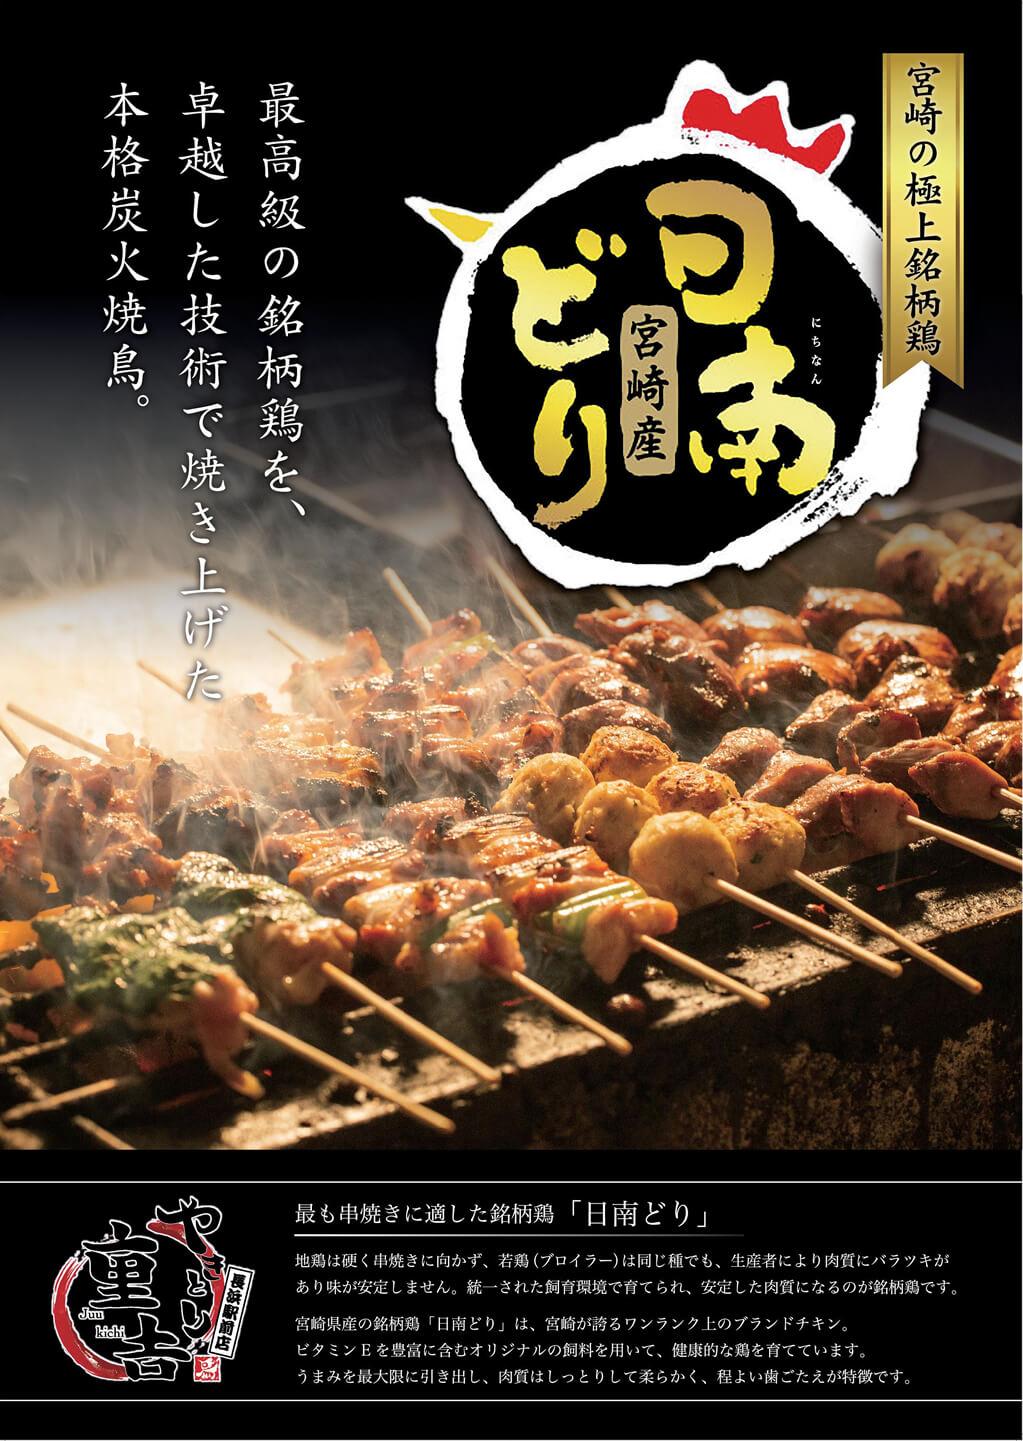 宮崎県産日南鶏広告